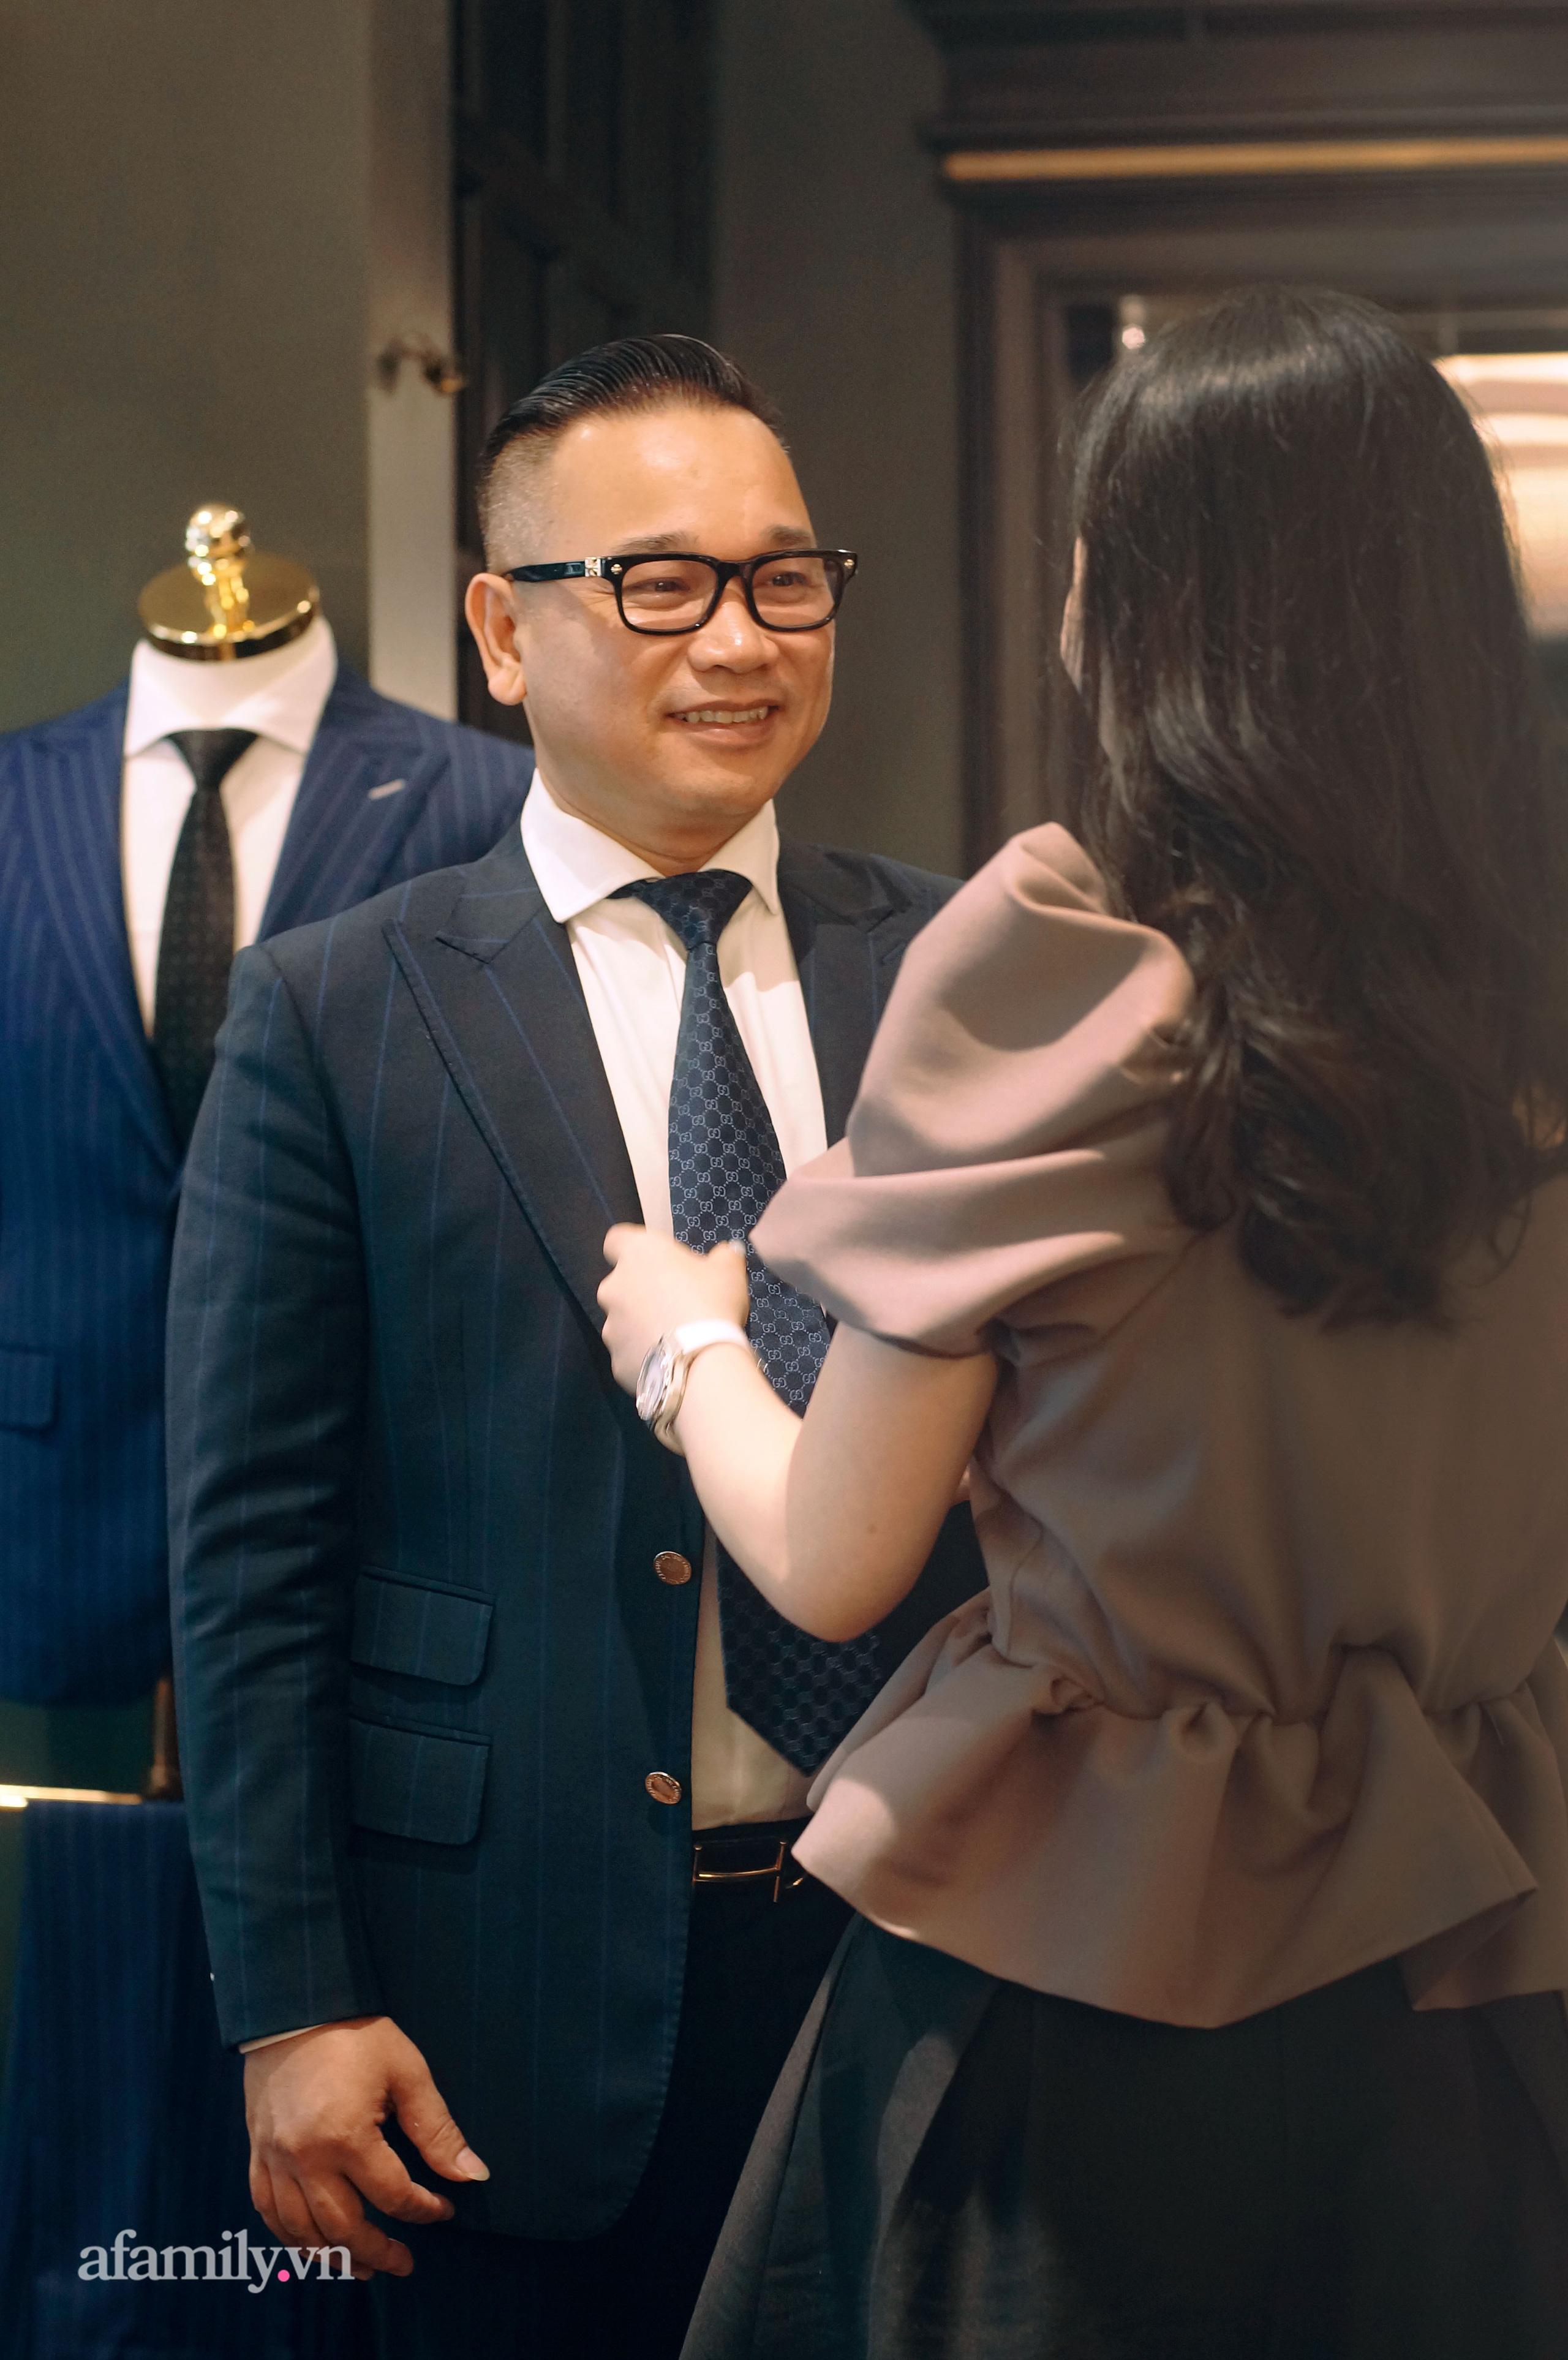 Phu nhân nhà Chương Tailor – khi áp lực không chỉ là mặc đẹp mà còn là cái tâm cùng chồng xây dựng thương hiệu - Ảnh 4.